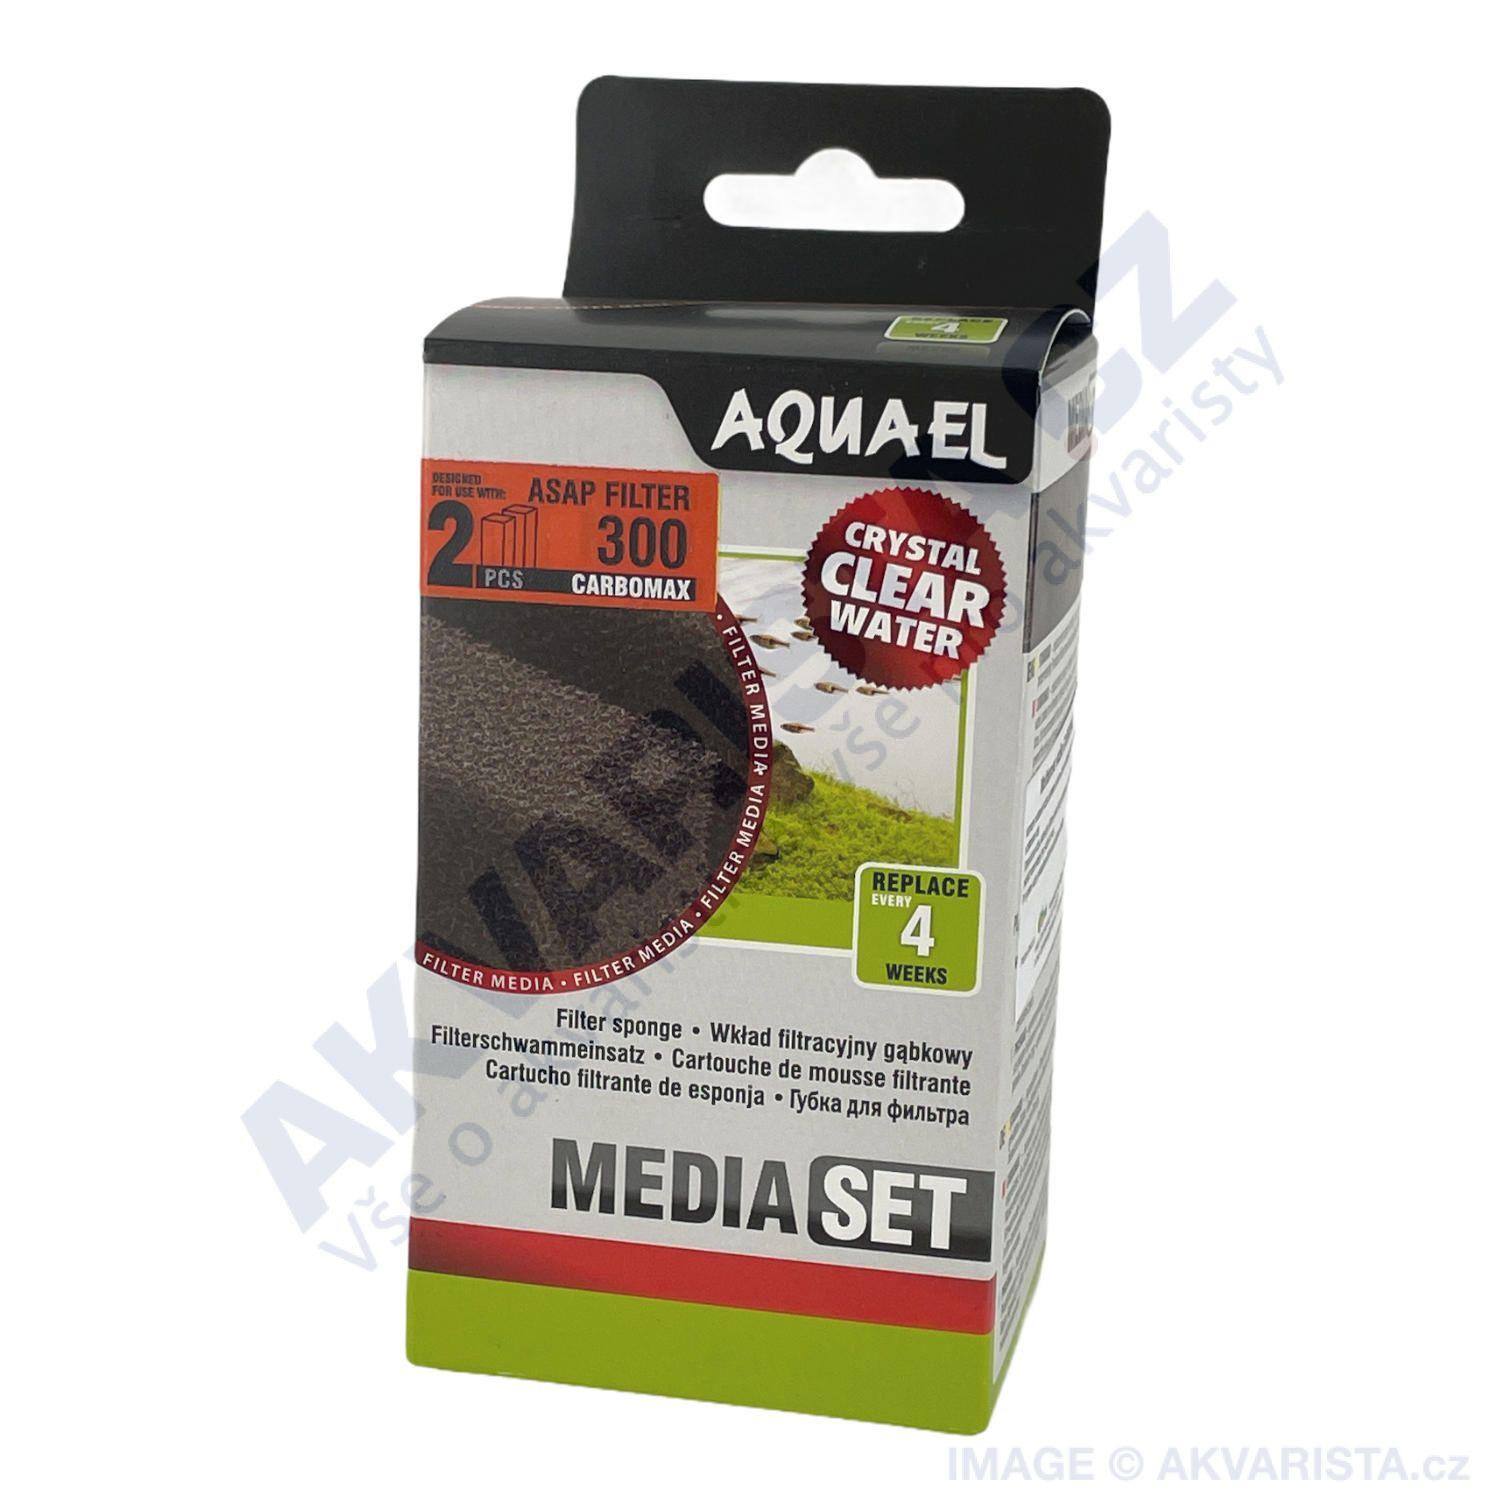 AquaEl Náhradní filtrační vložka uhlíková carbomax ASAP 300